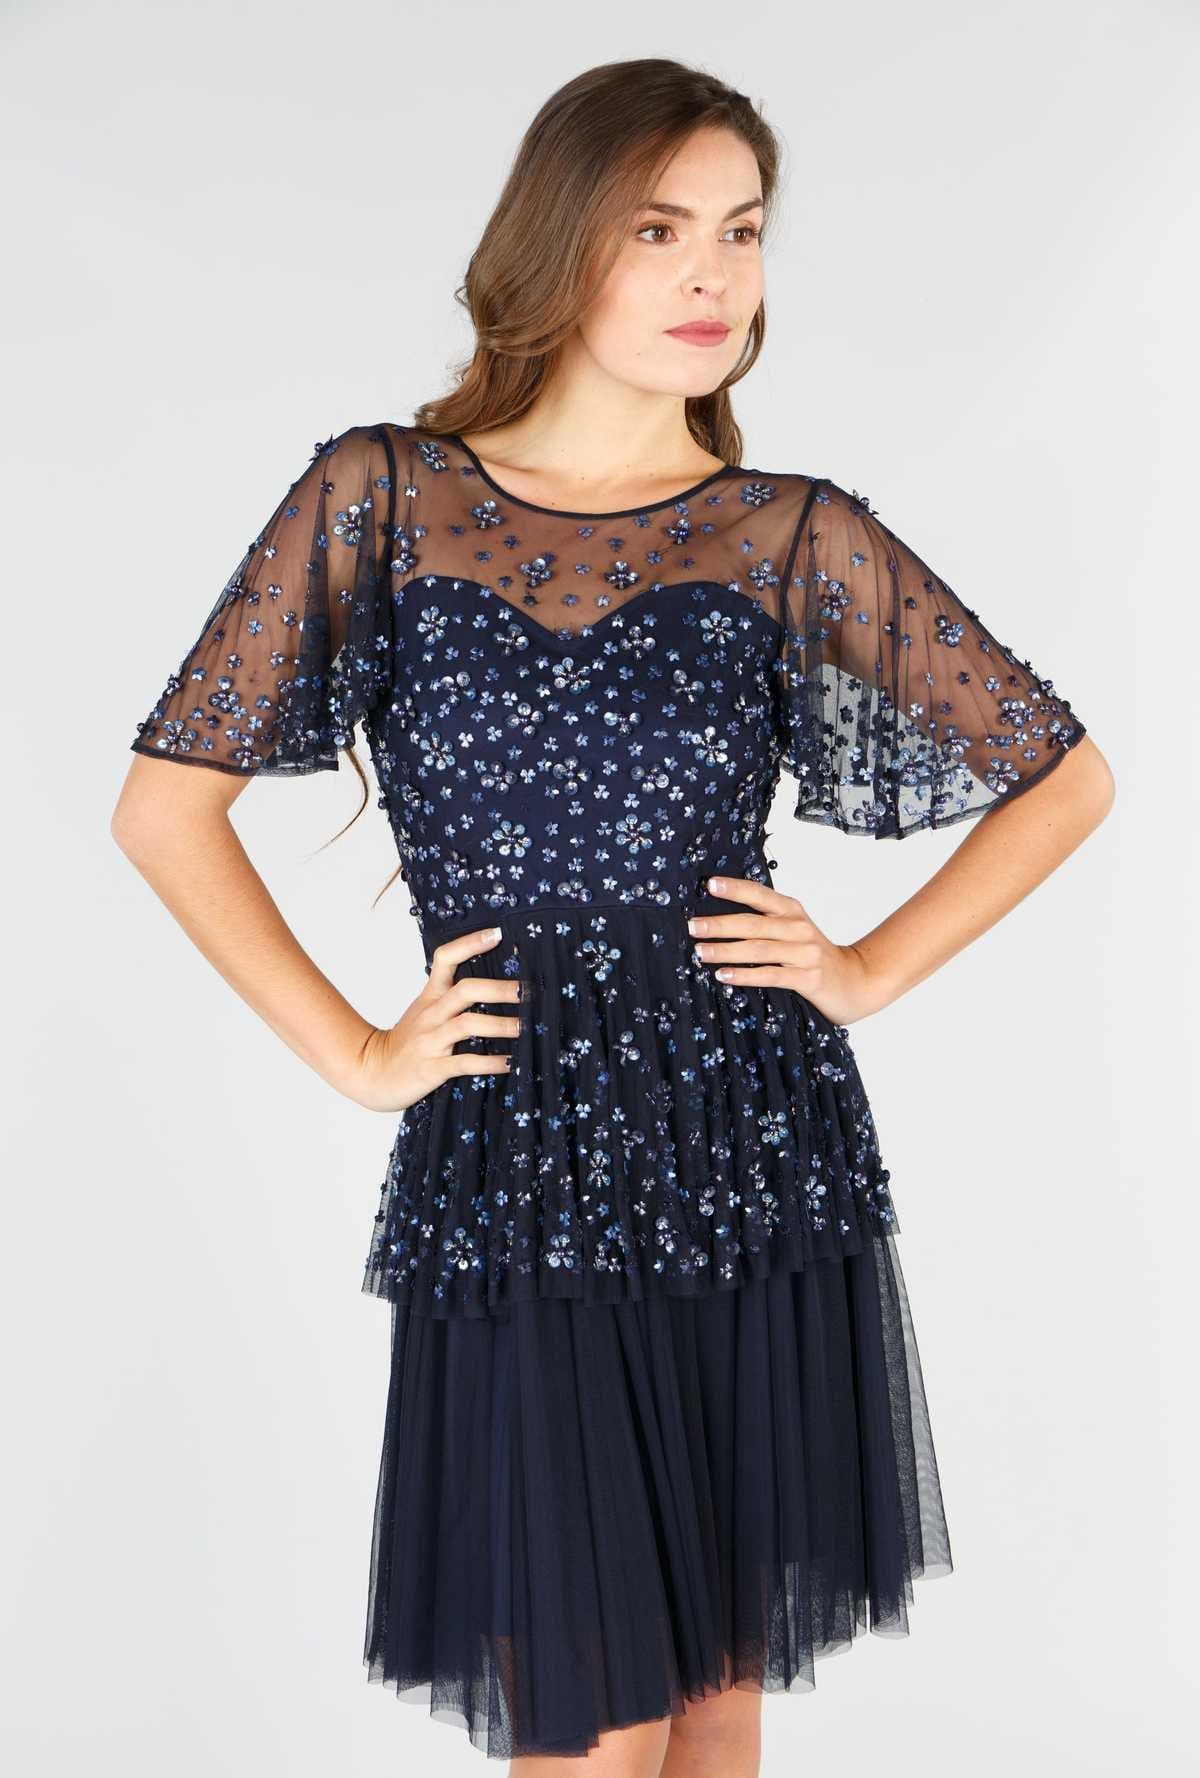 Derhy robe de soiree